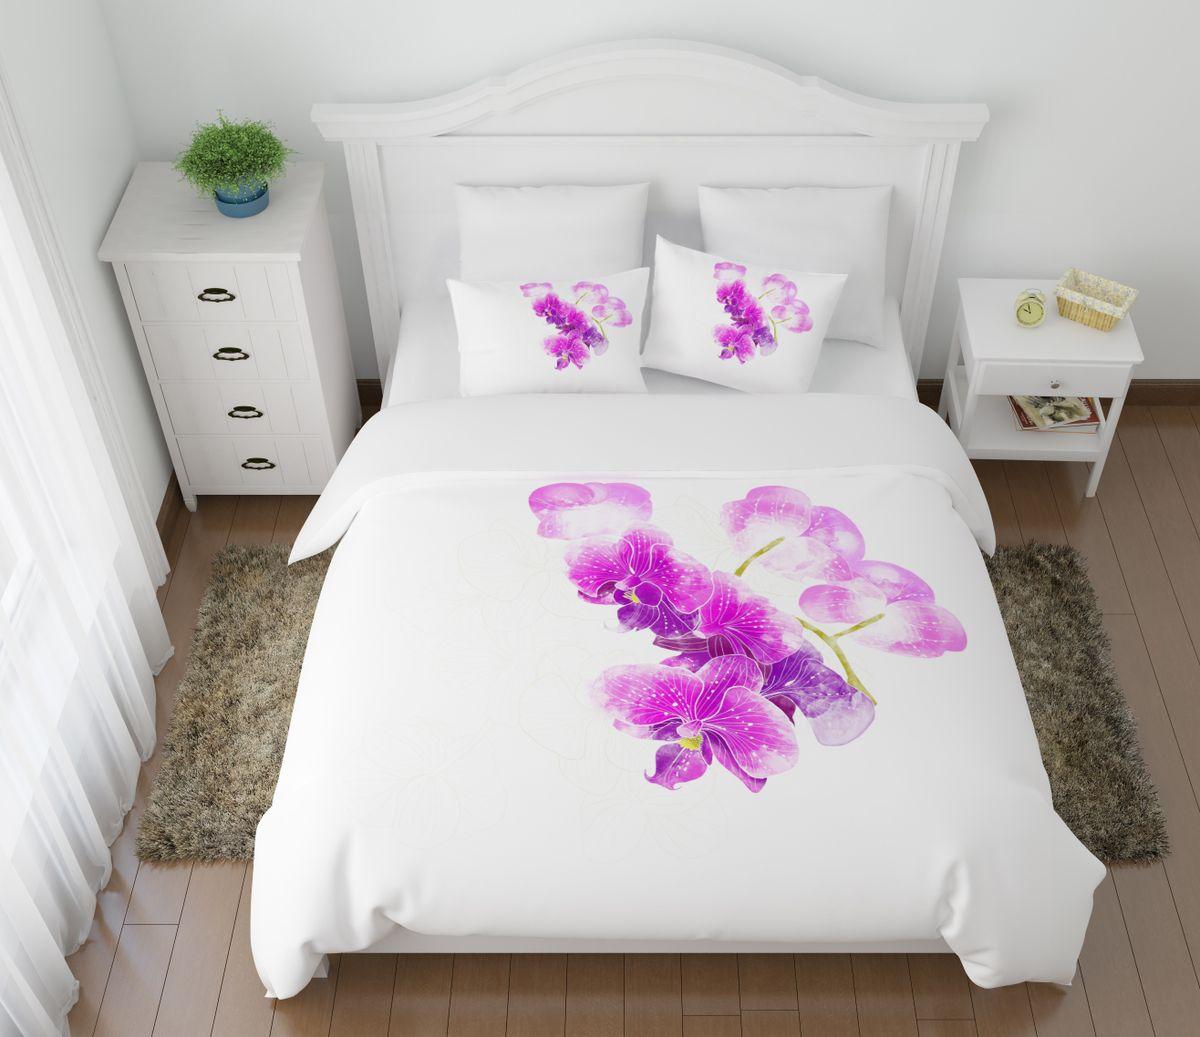 Комплект белья Сирень Ветка орхидеи, 1,5-спальный, наволочки 50x70FD-59Комплект постельного белья Сирень состоит из простыни, пододеяльника и 2 наволочек. Комплект выполнен из современных гипоаллергенных материалов. Приятный при прикосновении сатин - гарантия здорового, спокойного сна. Ткань хорошо впитывает влагу, надолго сохраняет яркость красок. Четкий, изящный рисунок в сочетании с насыщенными красками делает комплект постельного белья неповторимой изюминкой любого интерьера. Постельное белье идеально подойдет для подарка.